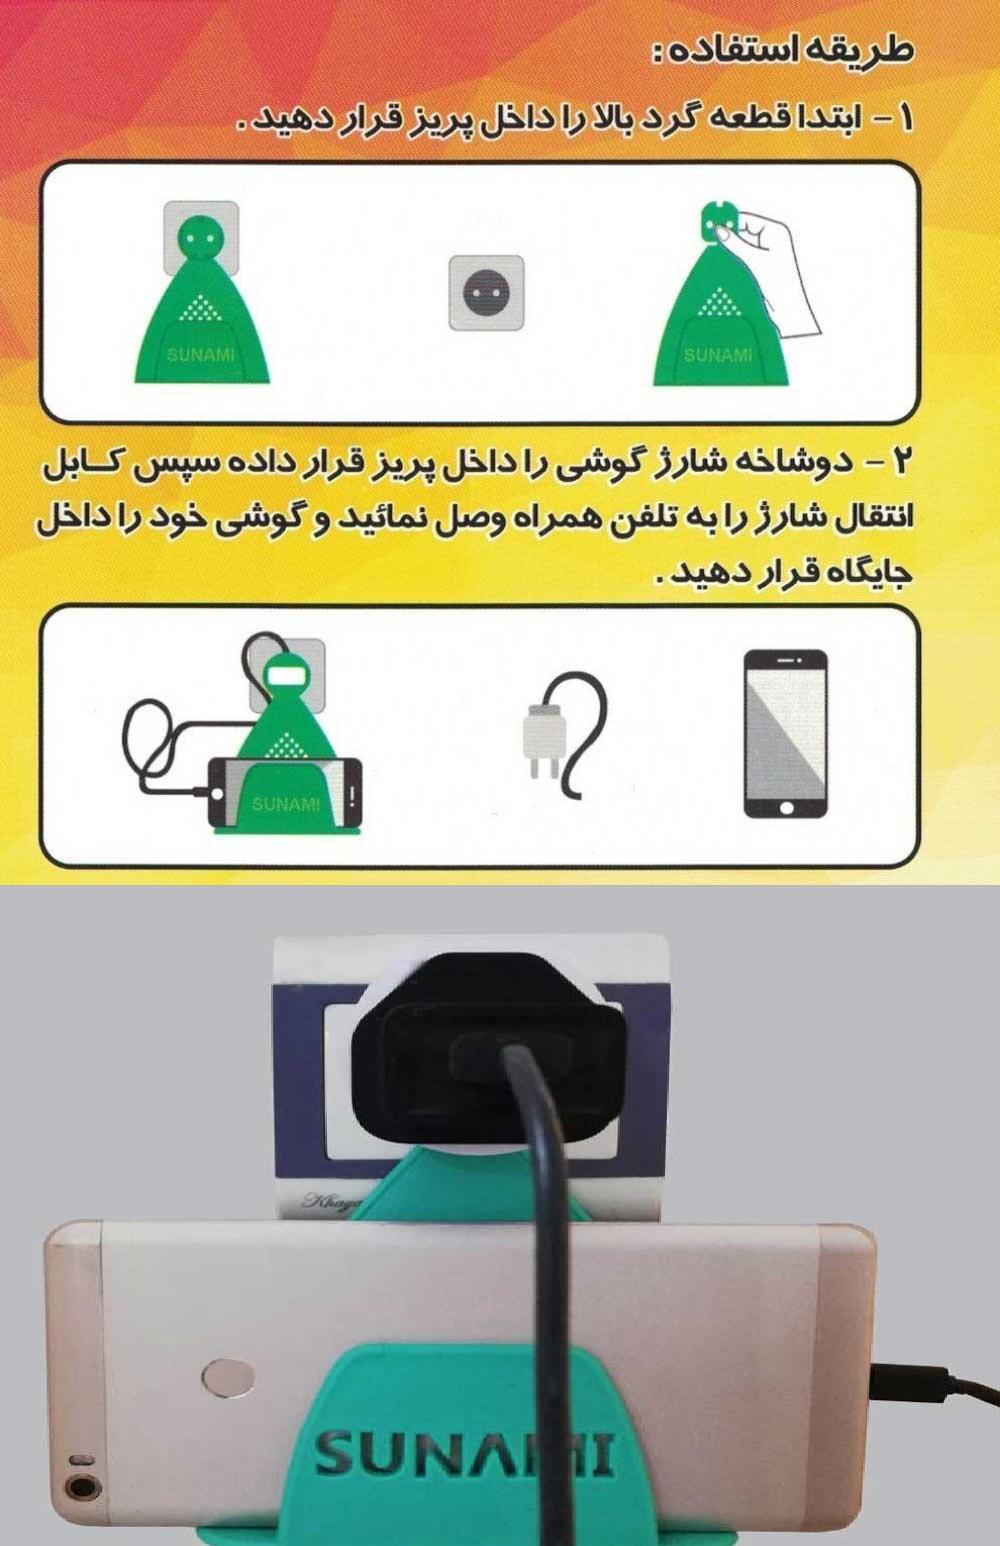 نگهدارنده گوشی کنار پریز برق